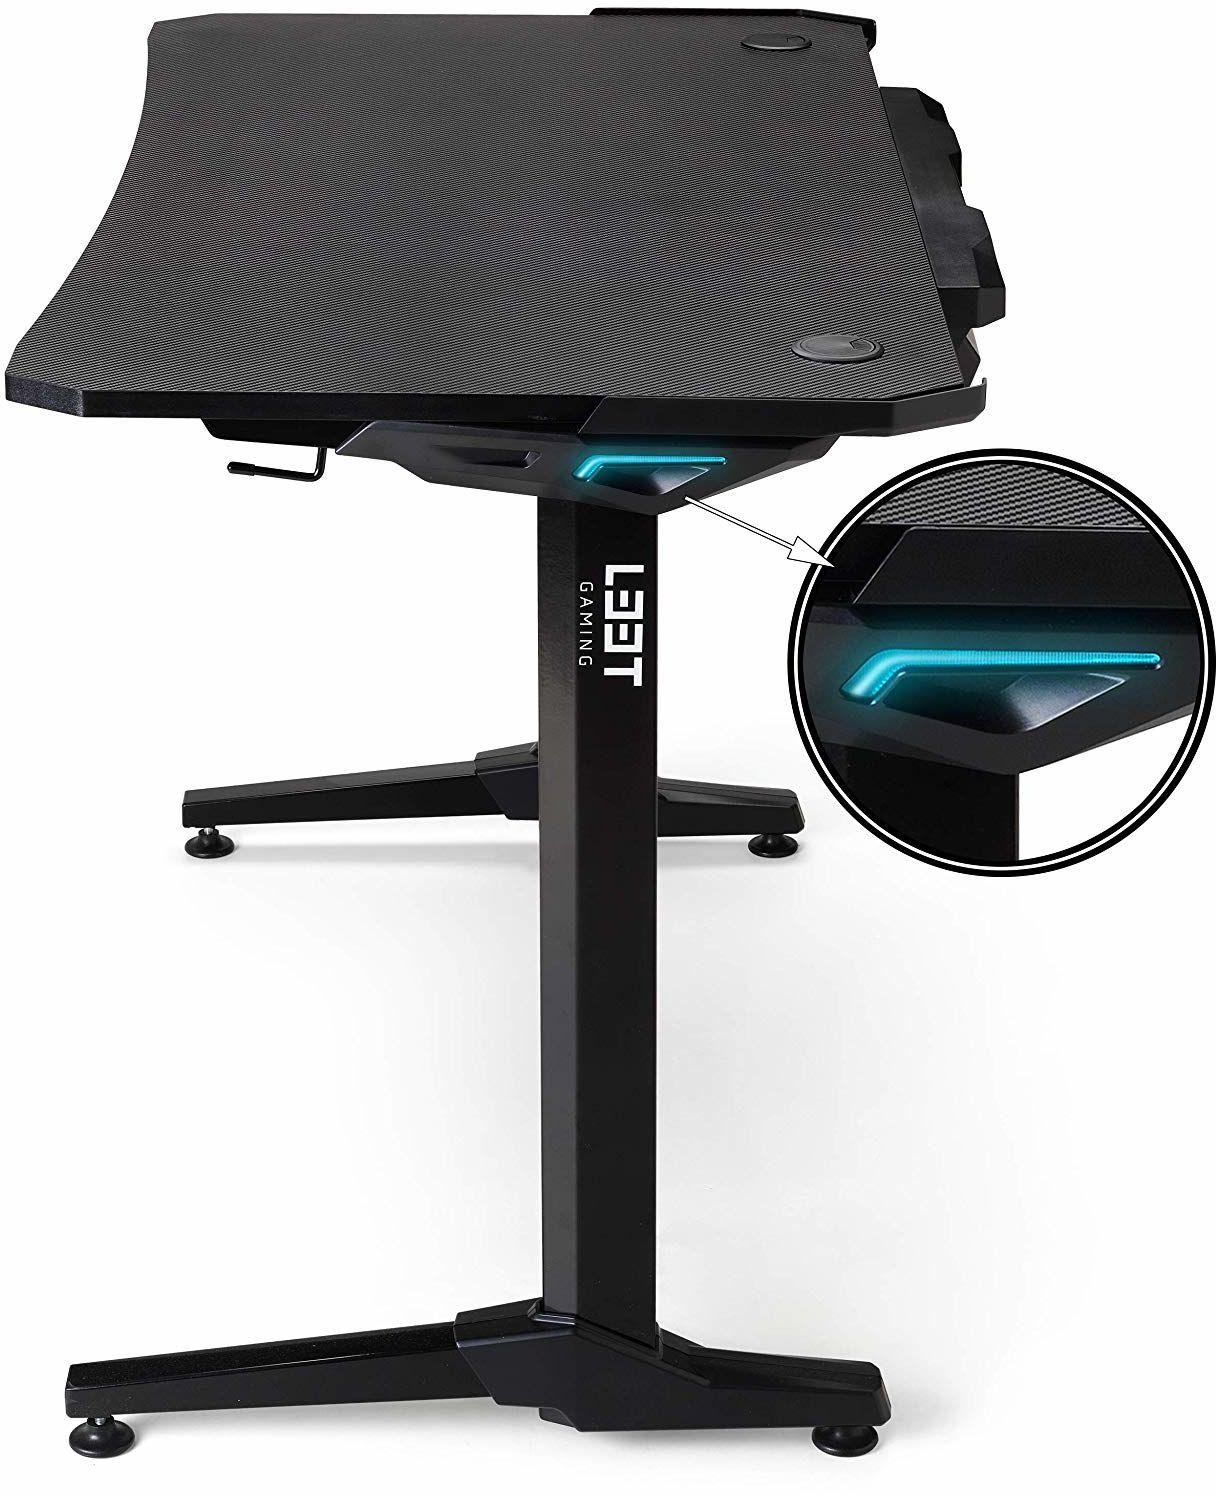 """L33T Gaming Ergonomic E-Sport stół do gier Tournament V2 biurko do gier z systemem zarządzania kablami 44,3"""" z oświetleniem LED, stolik komputerowy, czarny stolik z włókna węglowego do biura"""